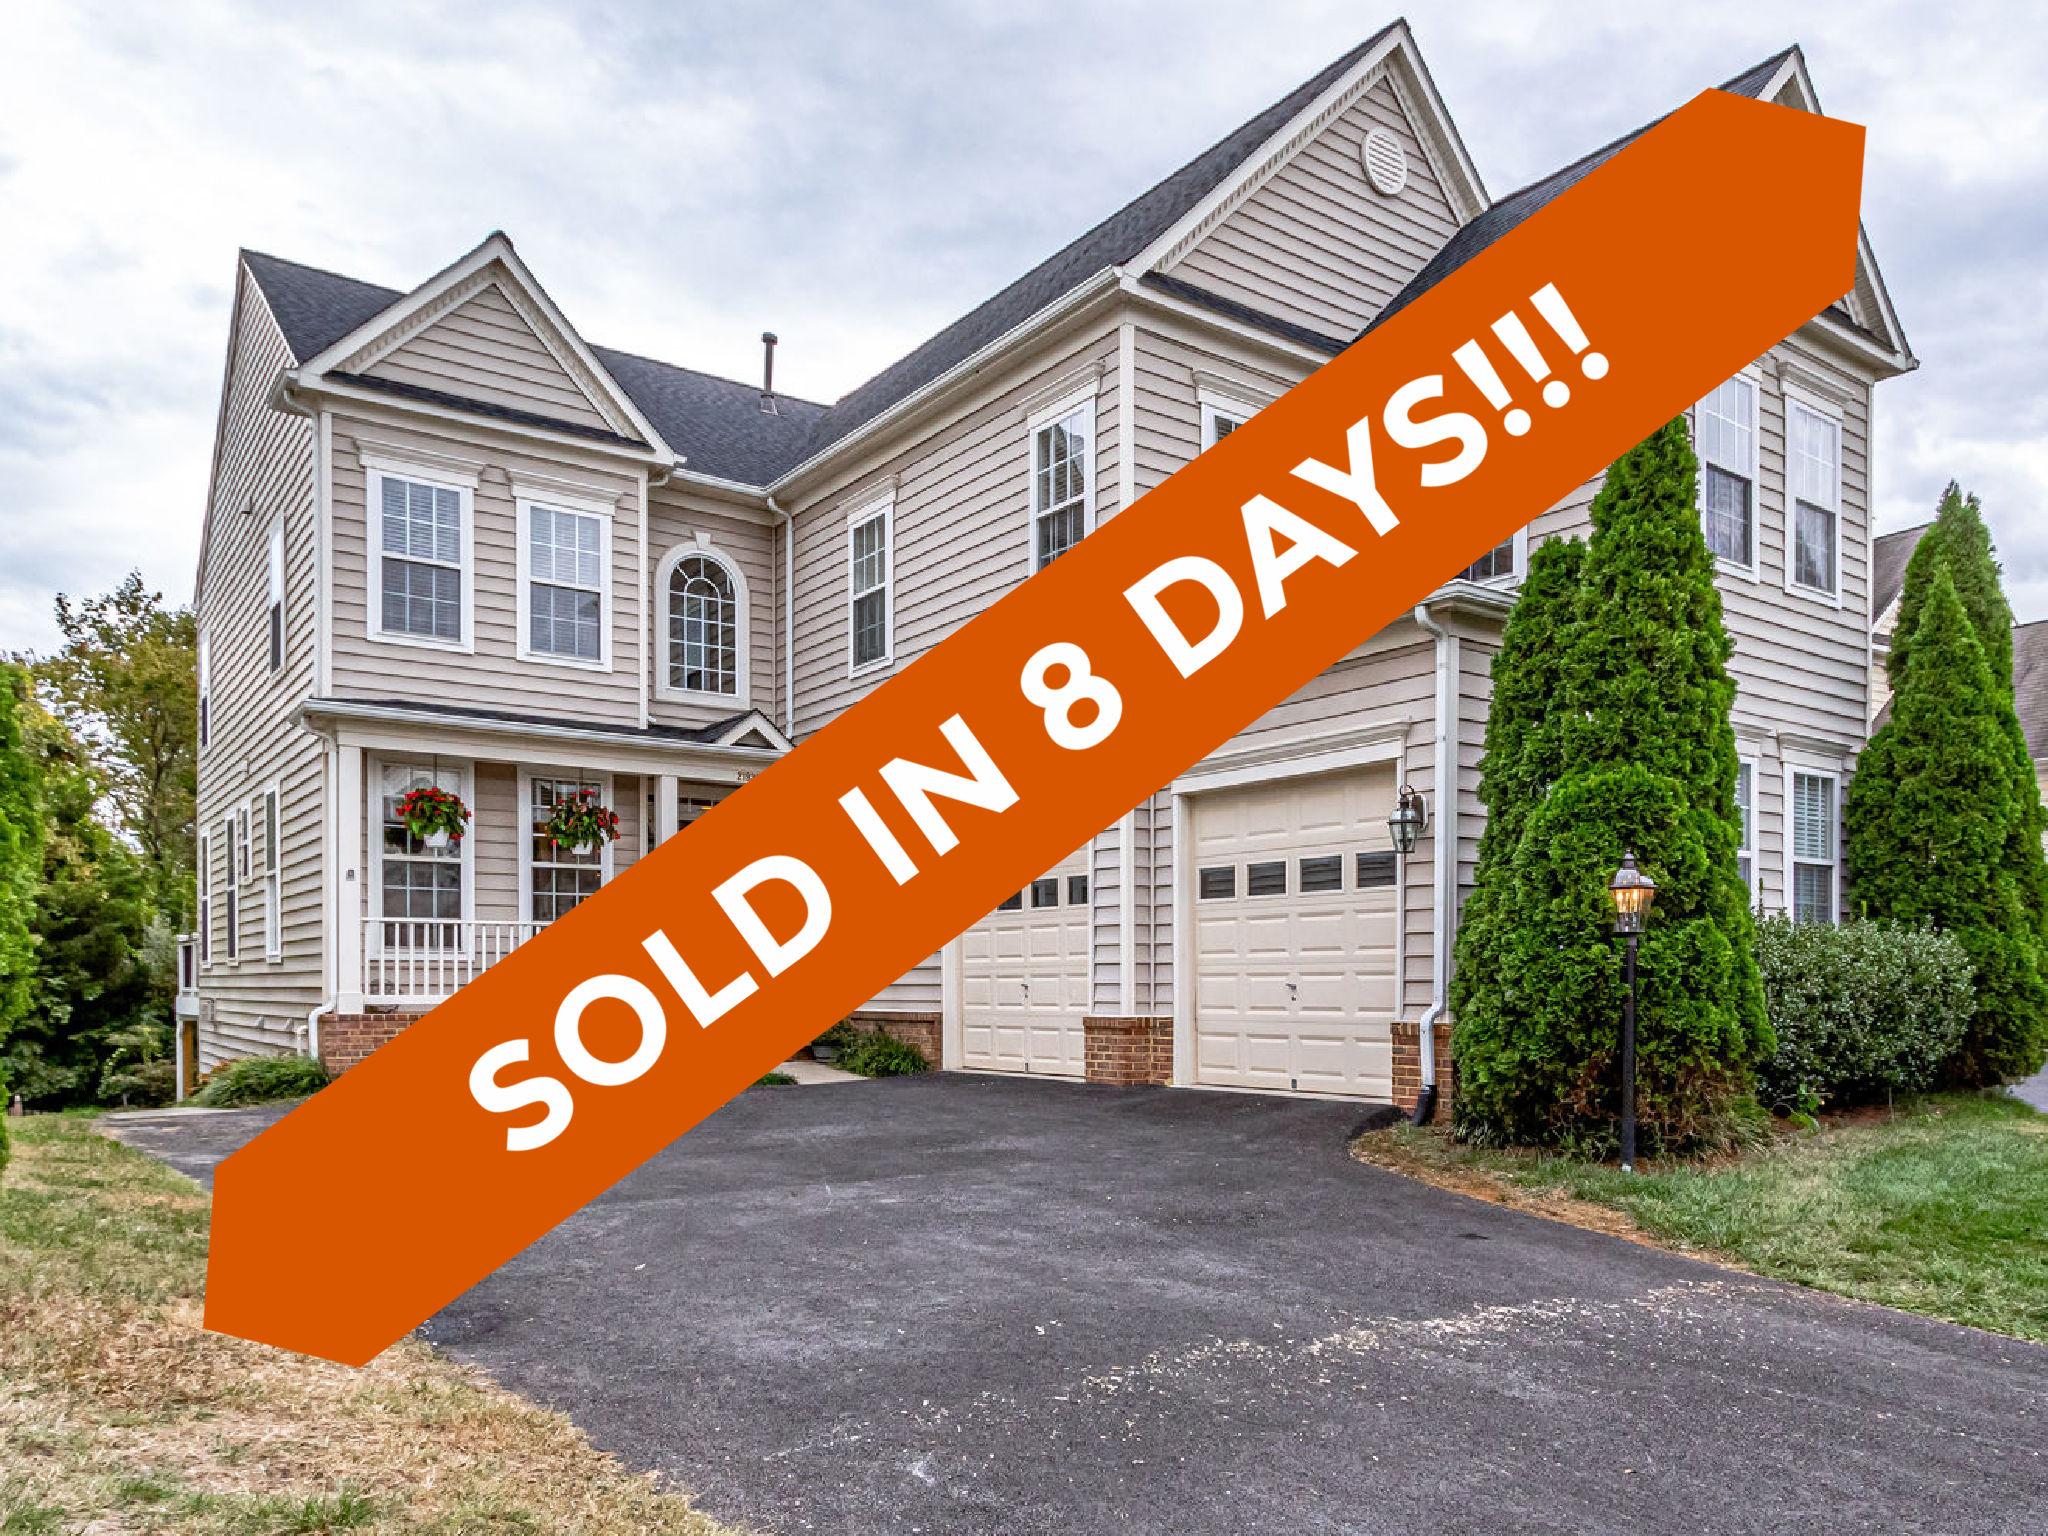 21930 Windover Drive, Broadlands- Sold